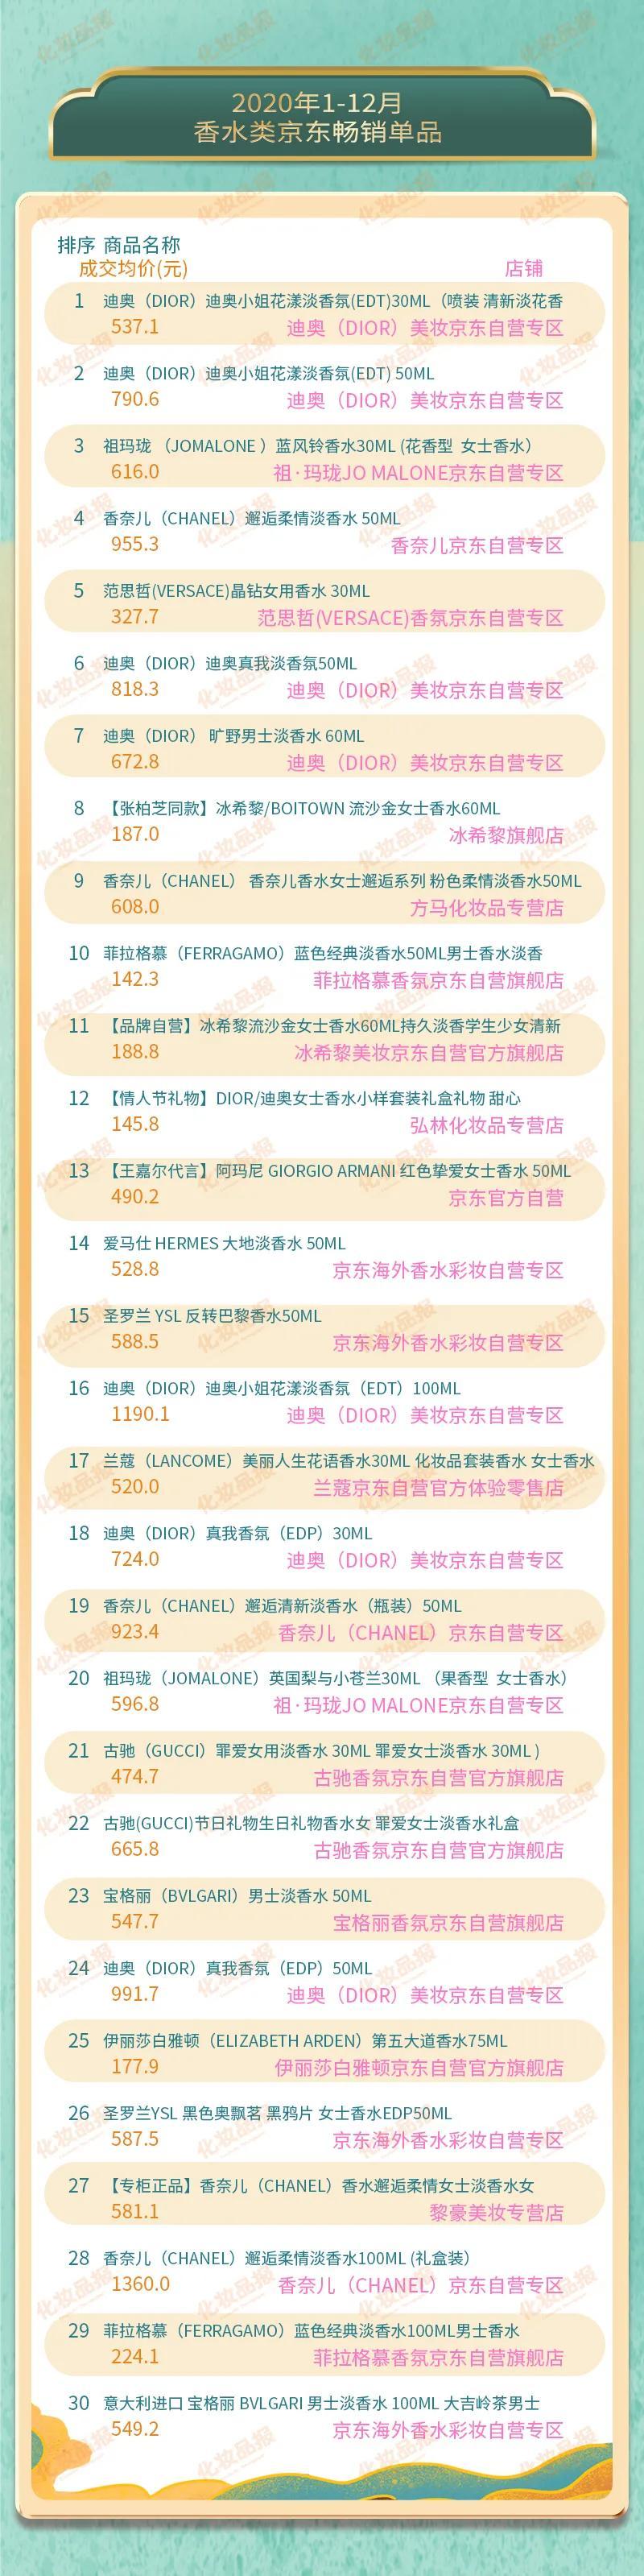 数据新闻丨2020香水TOP20出炉,仅一个中国品牌上榜